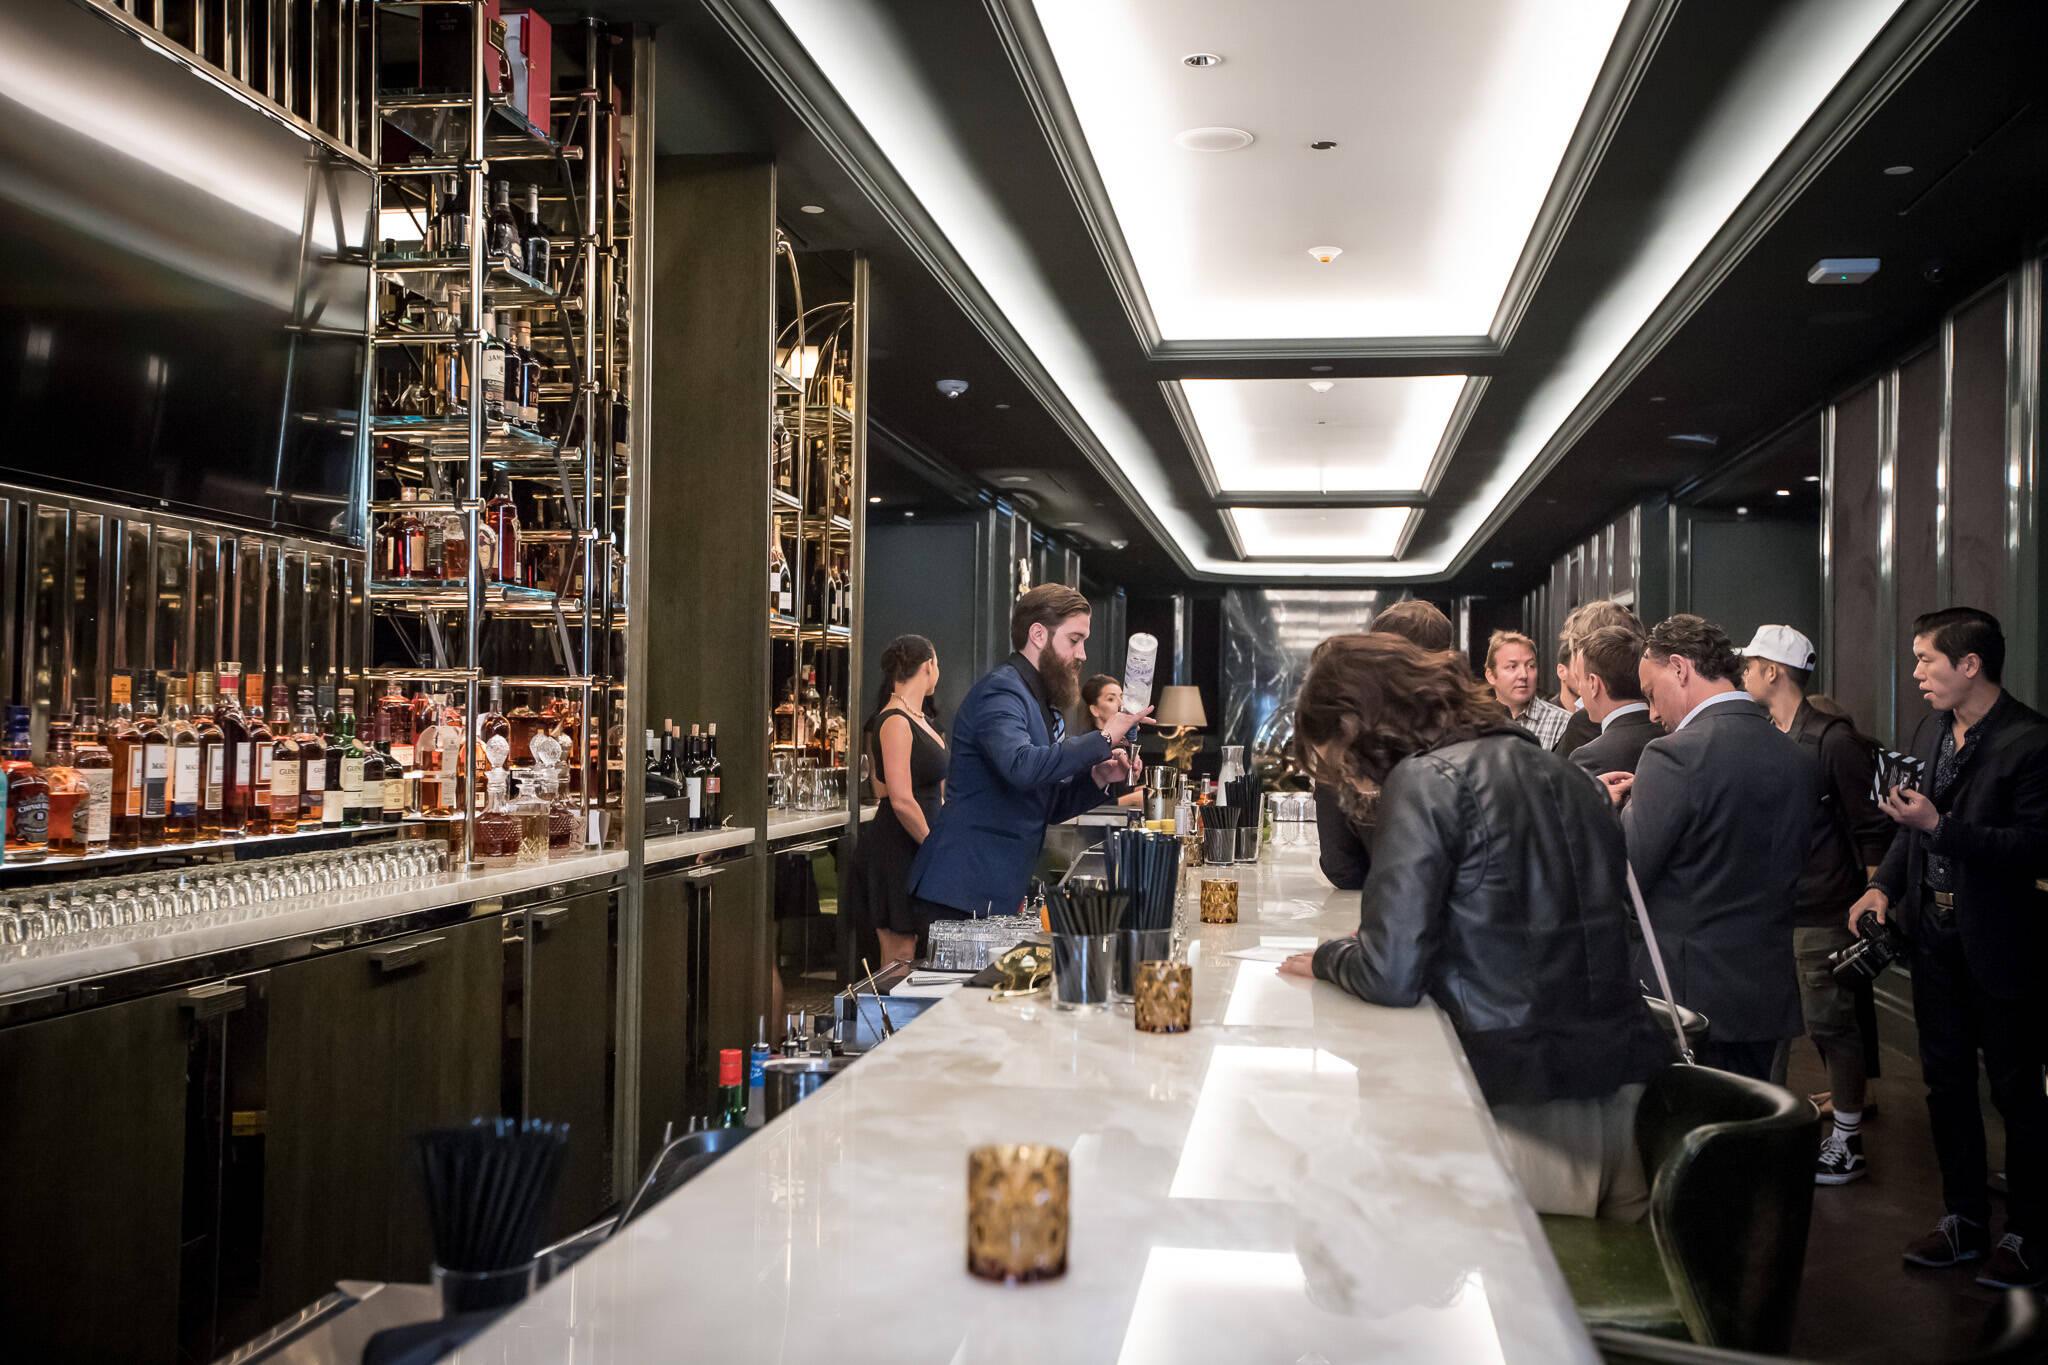 The Lobby Bar At Bisha Hotel Blogto Toronto